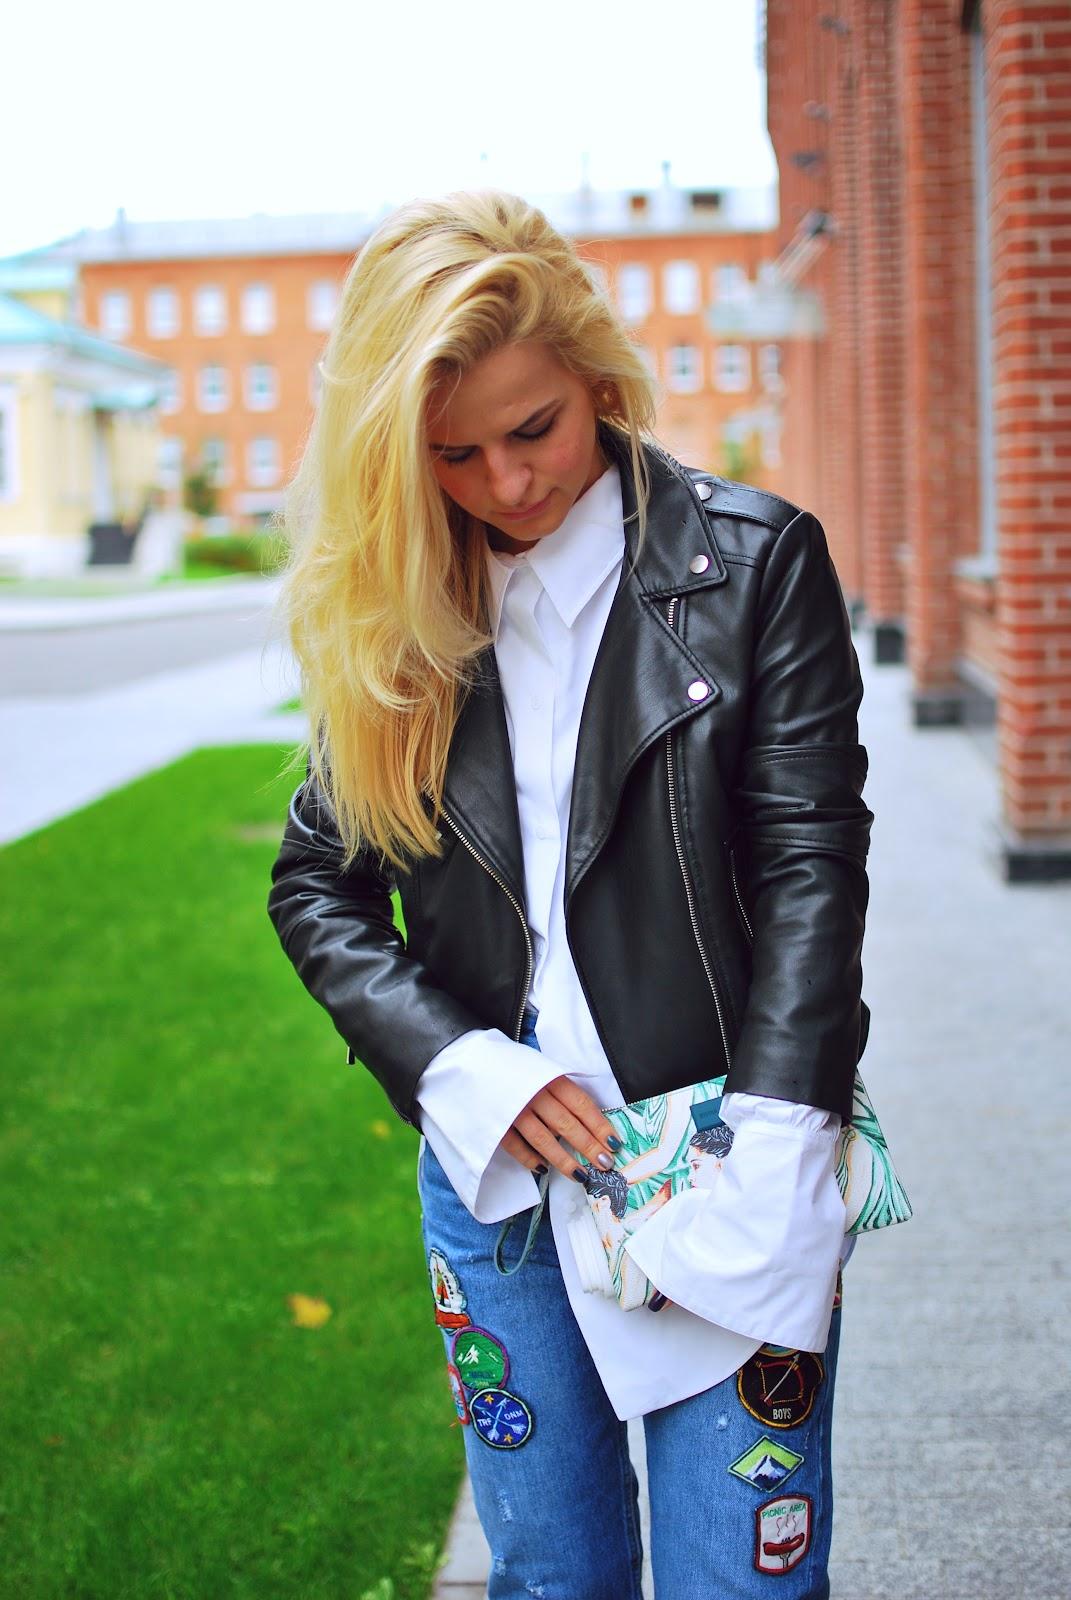 уличная мода, уличная мода осень, джинсы с патчами, джинсы с заплатками, идеи что носить, с чем надеть джинсы, what to wear jeans, street style blogger, fashion blogger moscow, russian fashion blogger